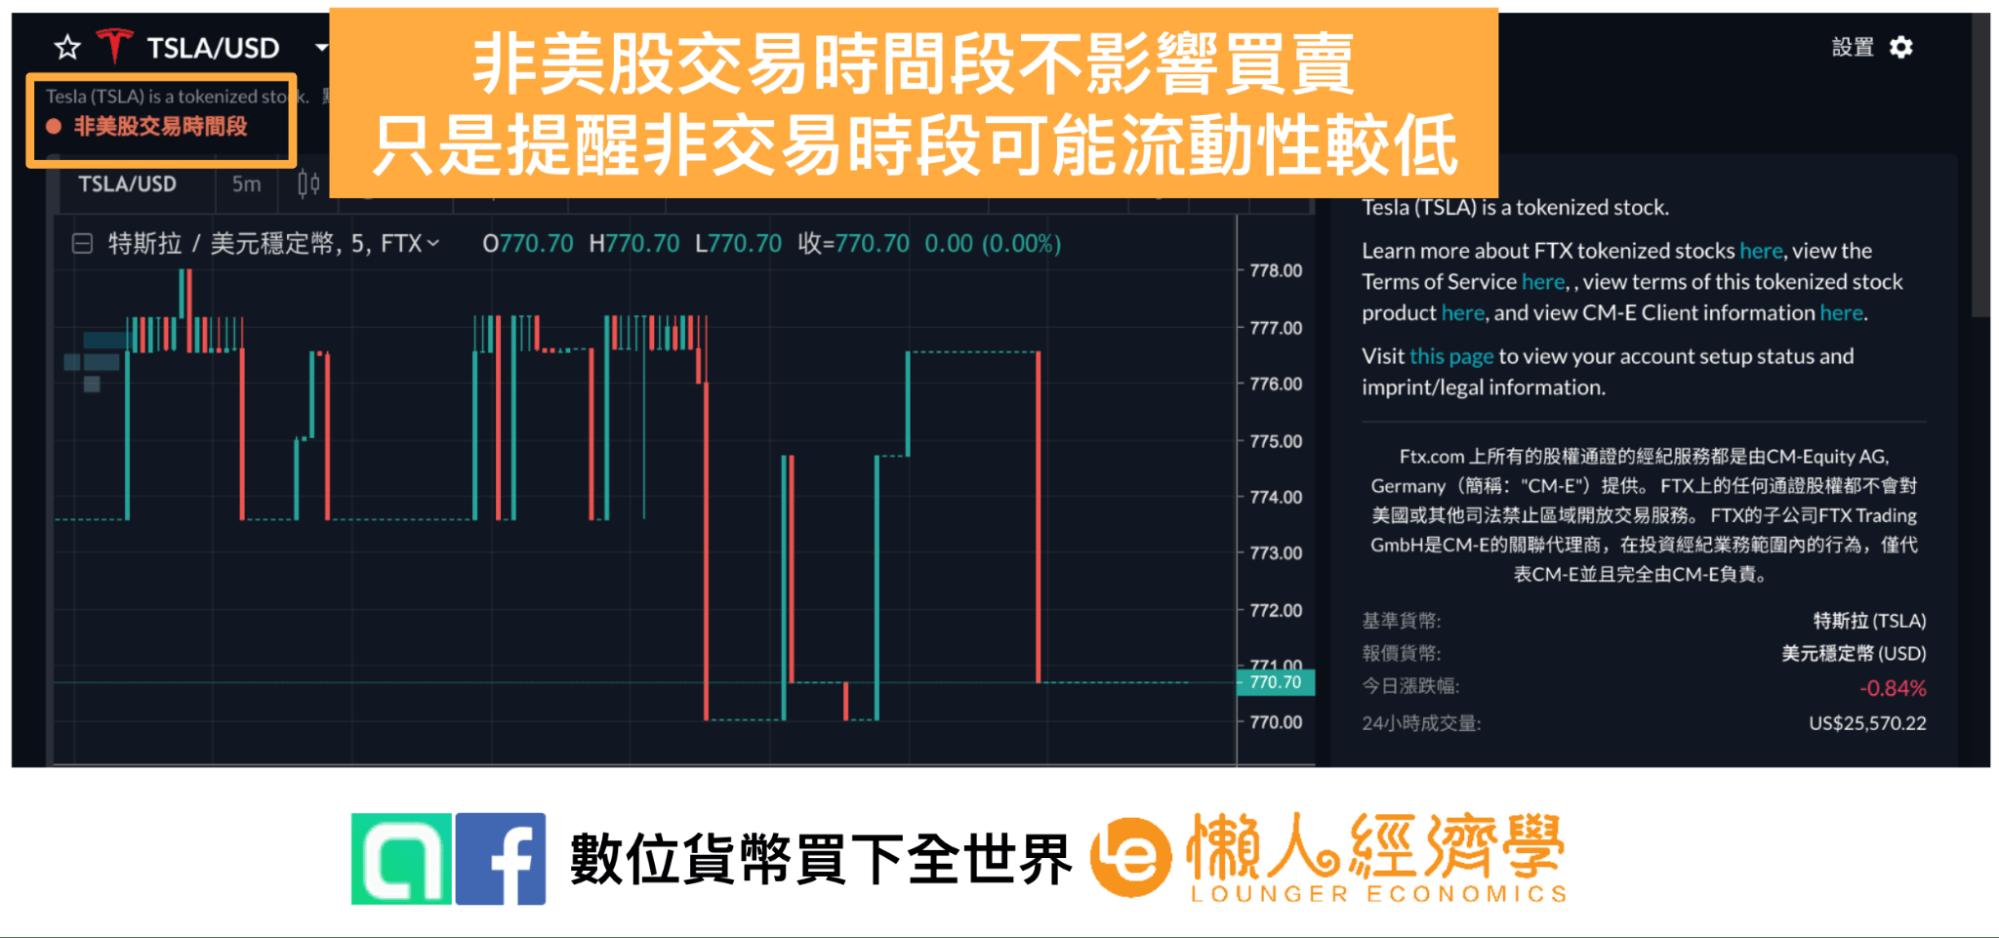 FTX交易:股權通證下單教學2